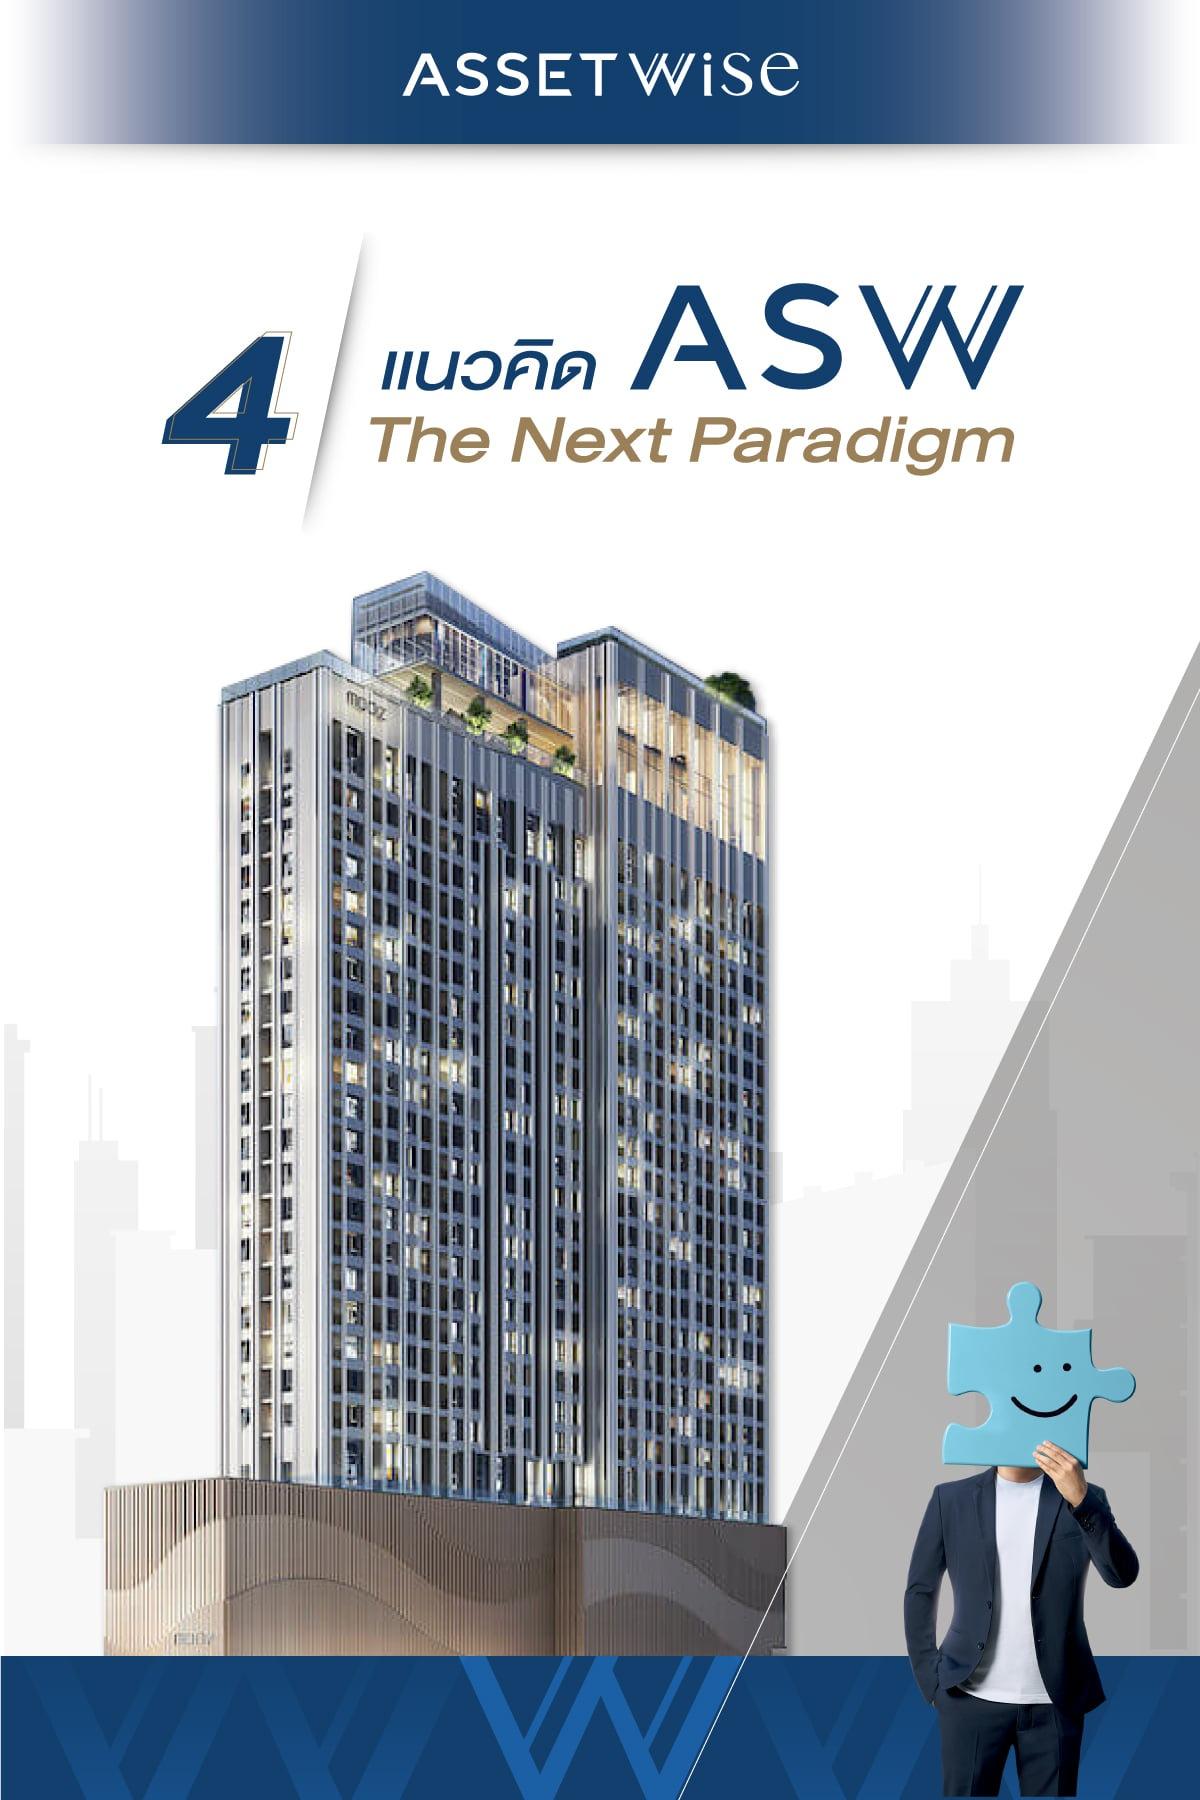 4 แนวคิด ASW The Next Paradigm ของ AssetWise ที่ใช้ในการพัฒนาโครงการคุณภาพและส่งต่อความสุขมากว่า 33 โครงการ